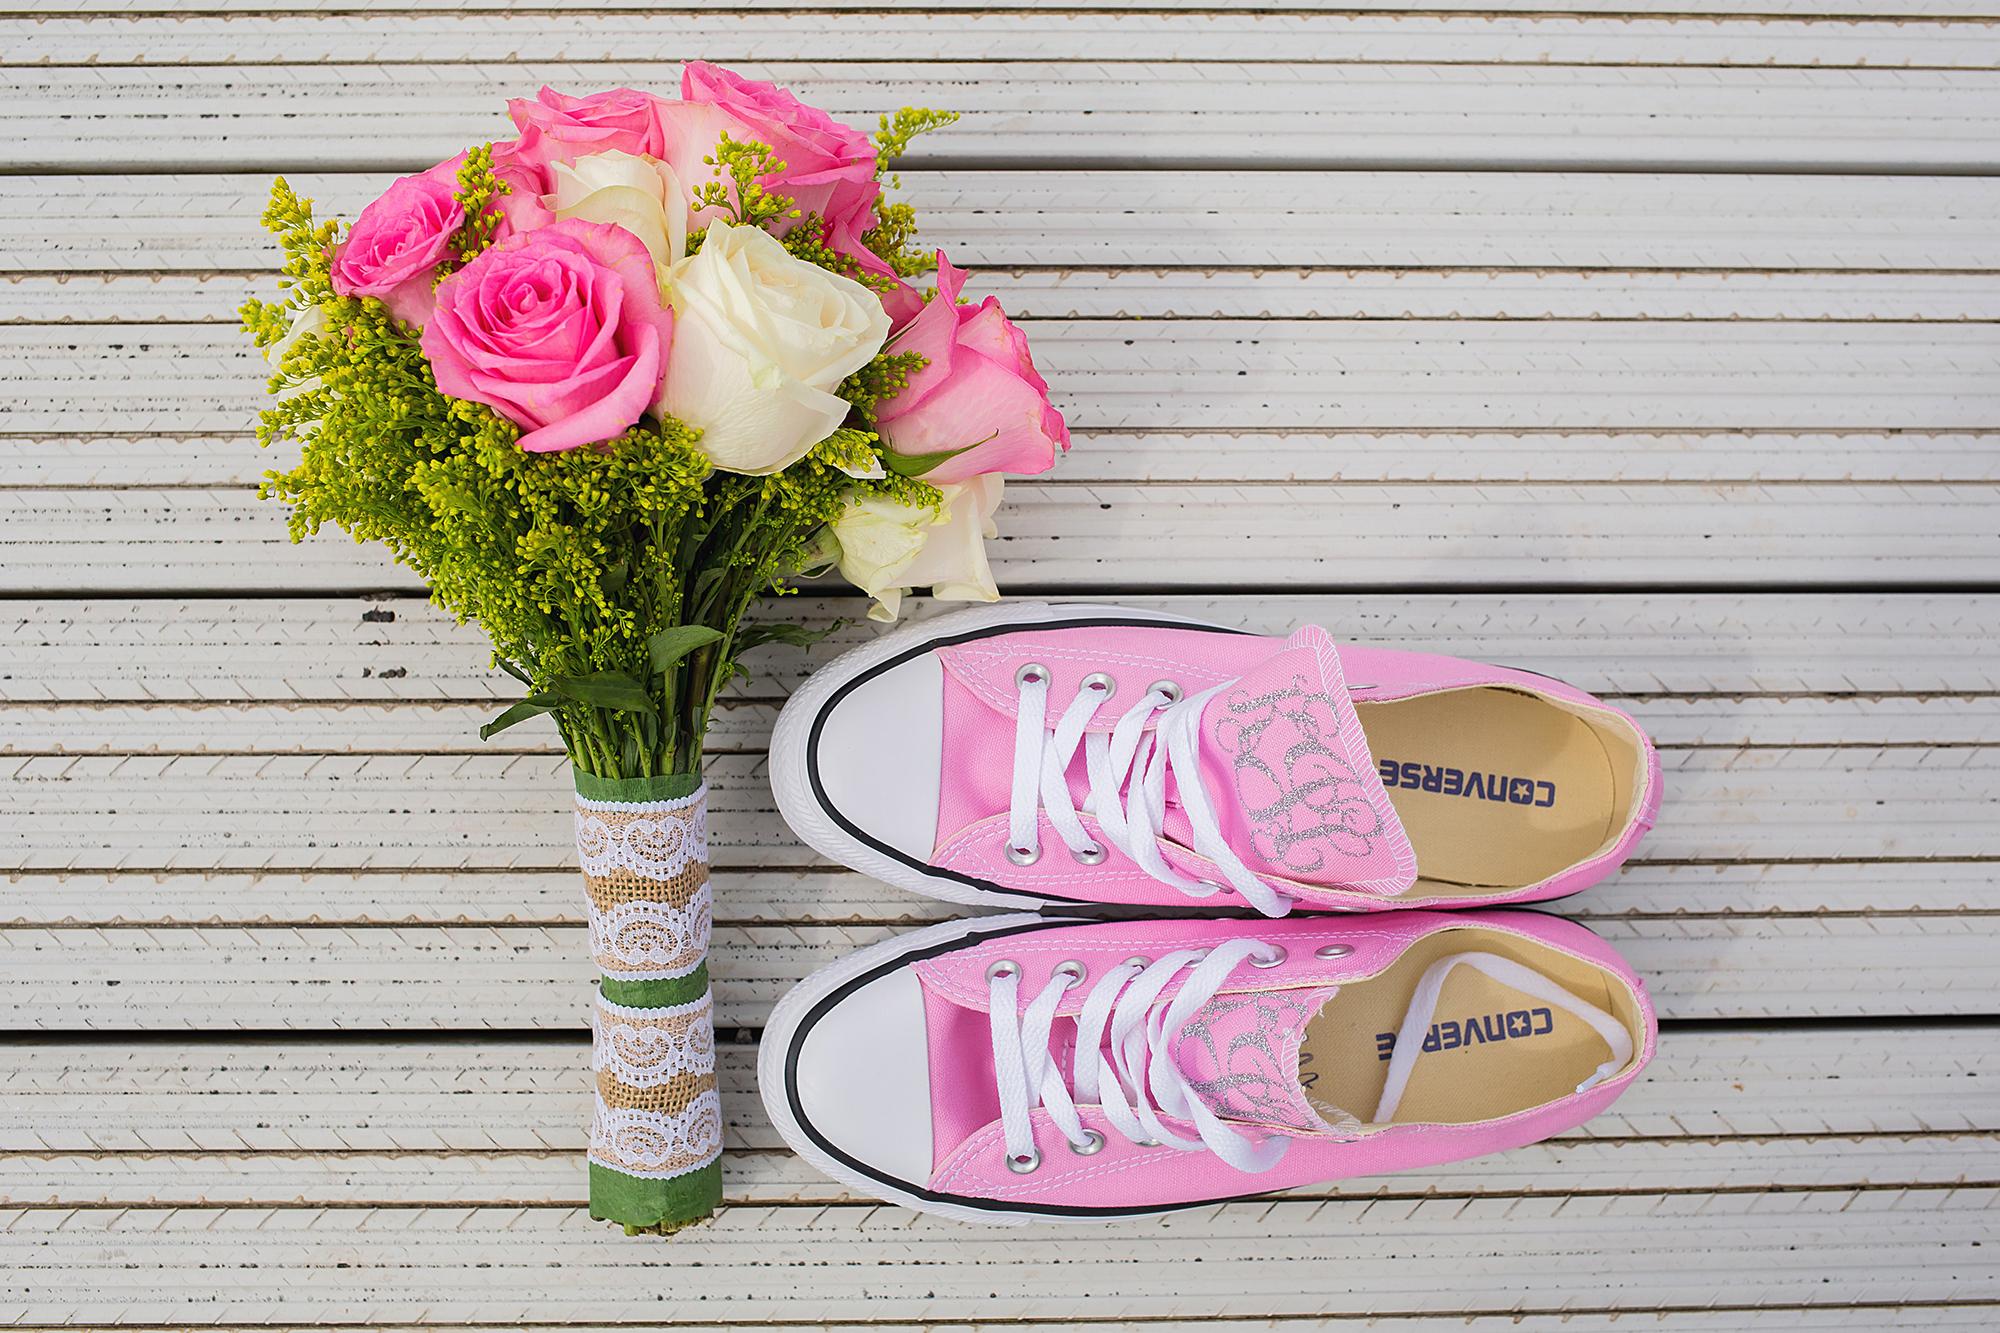 ocala-wedding-venues.jpg